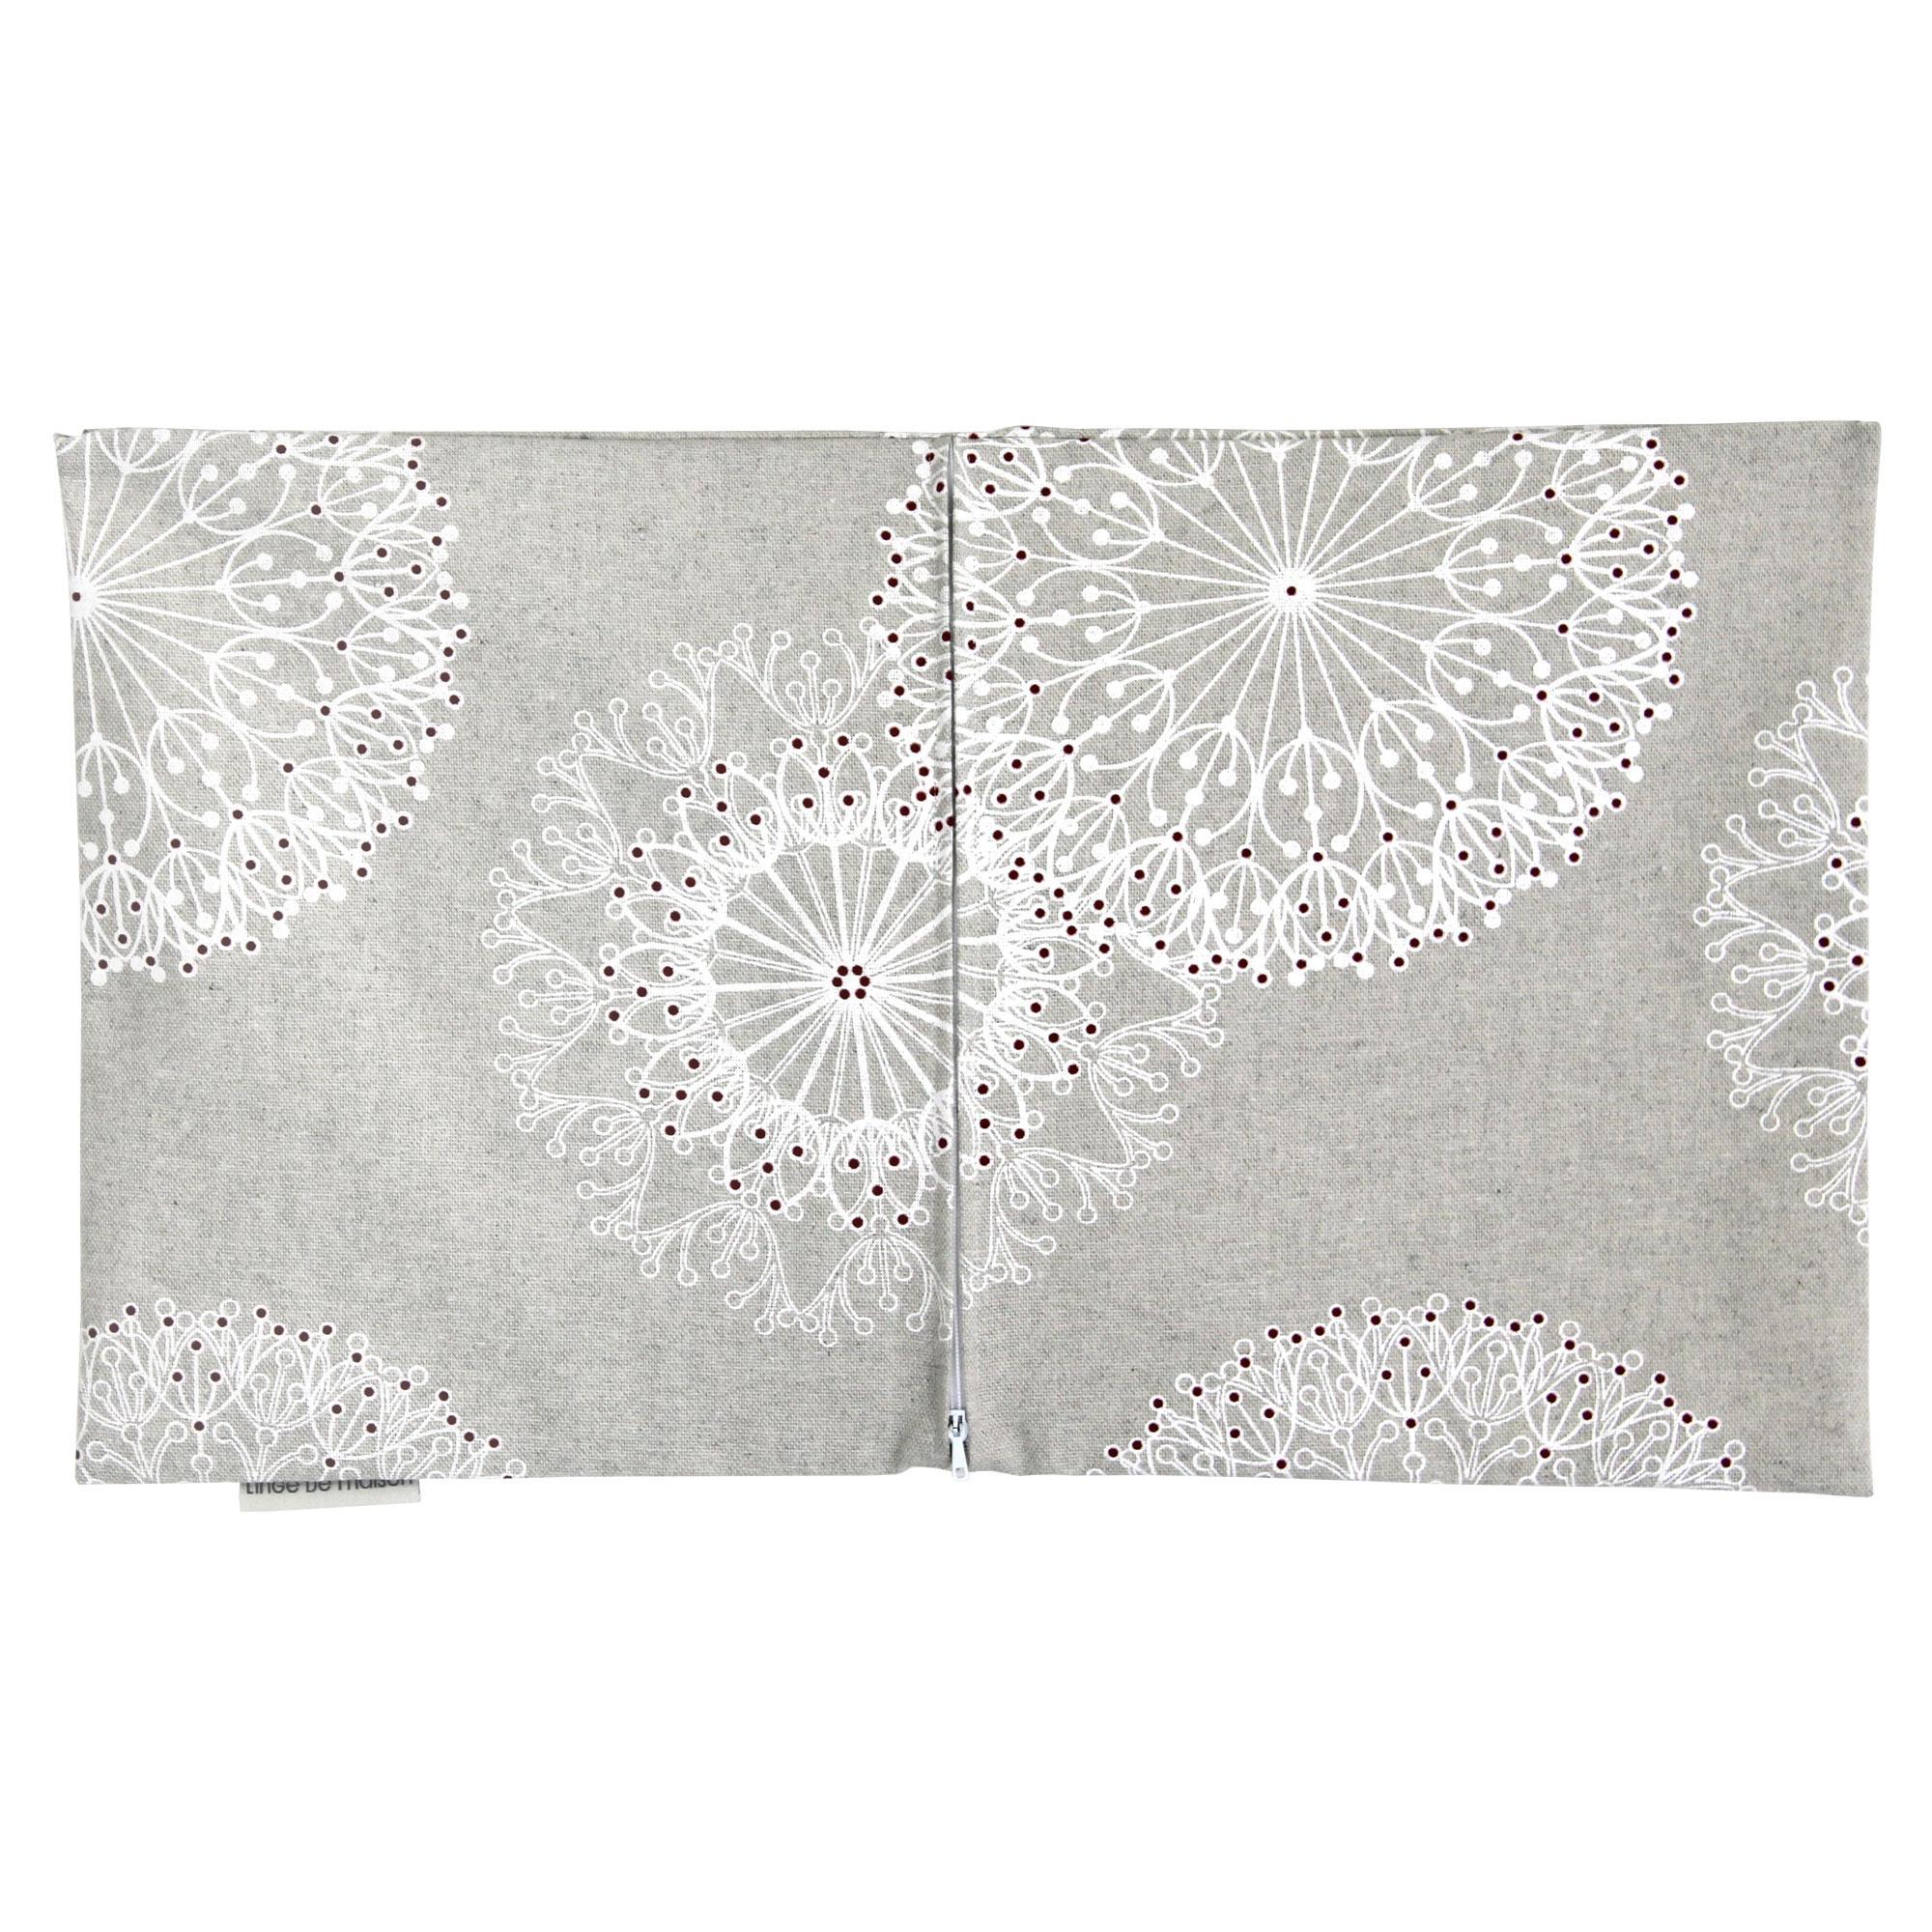 housse de coussin 30x50 cm diano cleomes blanches polycoton linnea linge de maison et. Black Bedroom Furniture Sets. Home Design Ideas